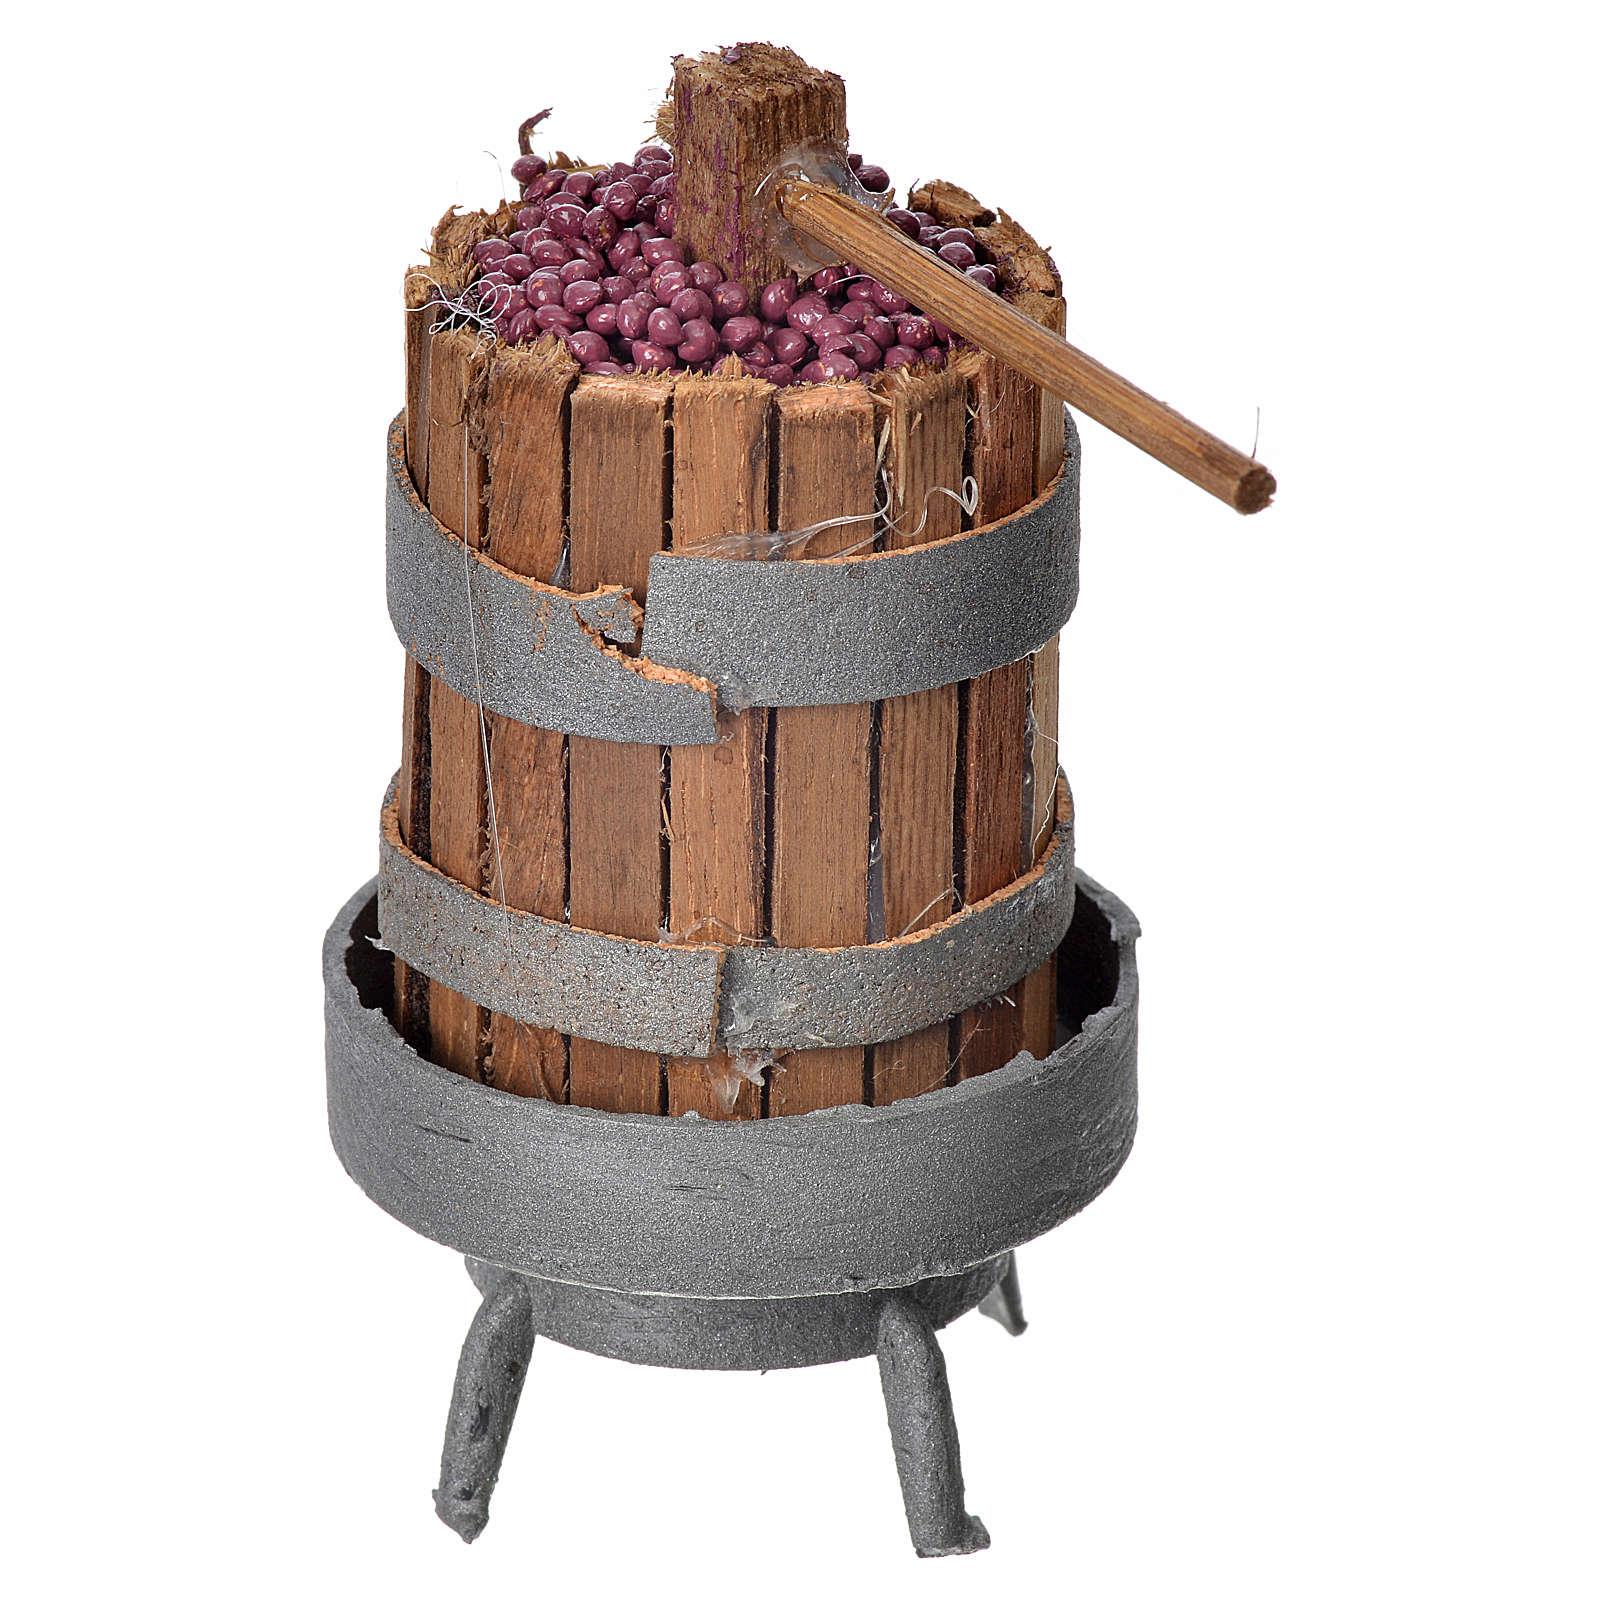 Torchio in legno con uva per presepe h 9,5 cm 4